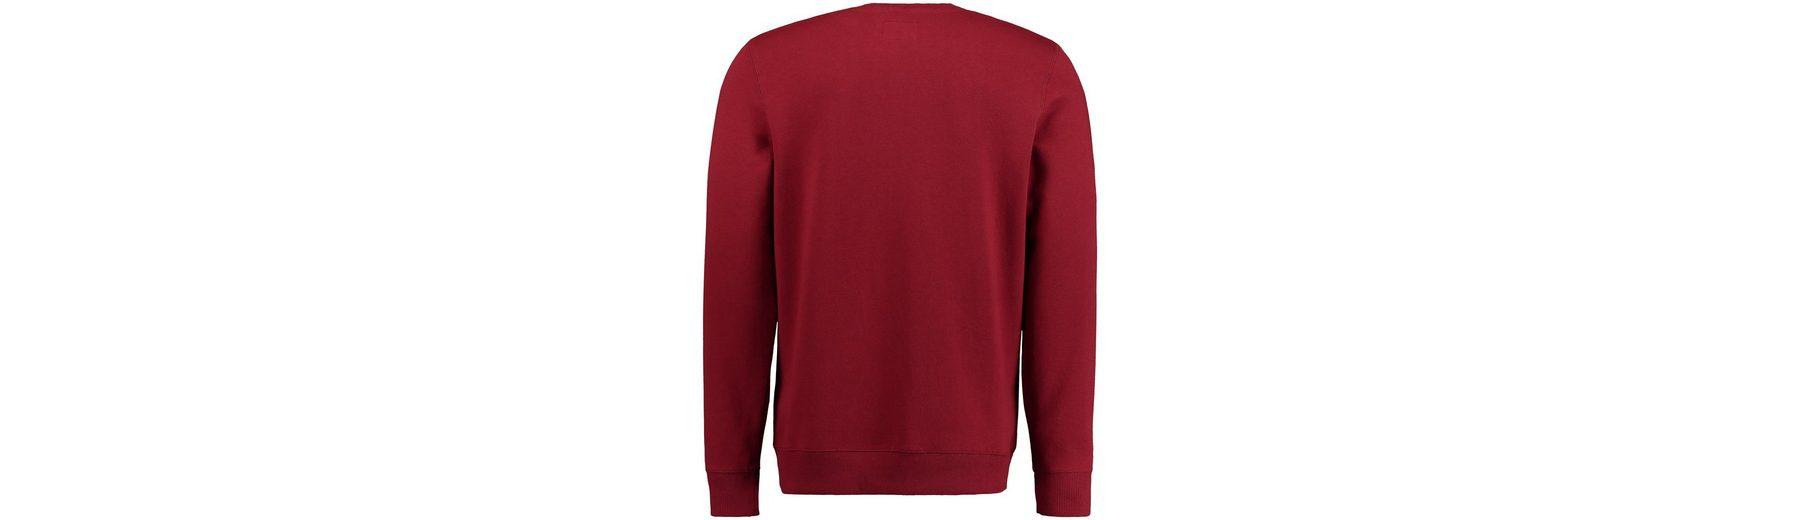 O'Neill Sweatshirt Type Crew Großer Verkauf Zum Verkauf Äußerst Niedrige Versand Online 0zFjH